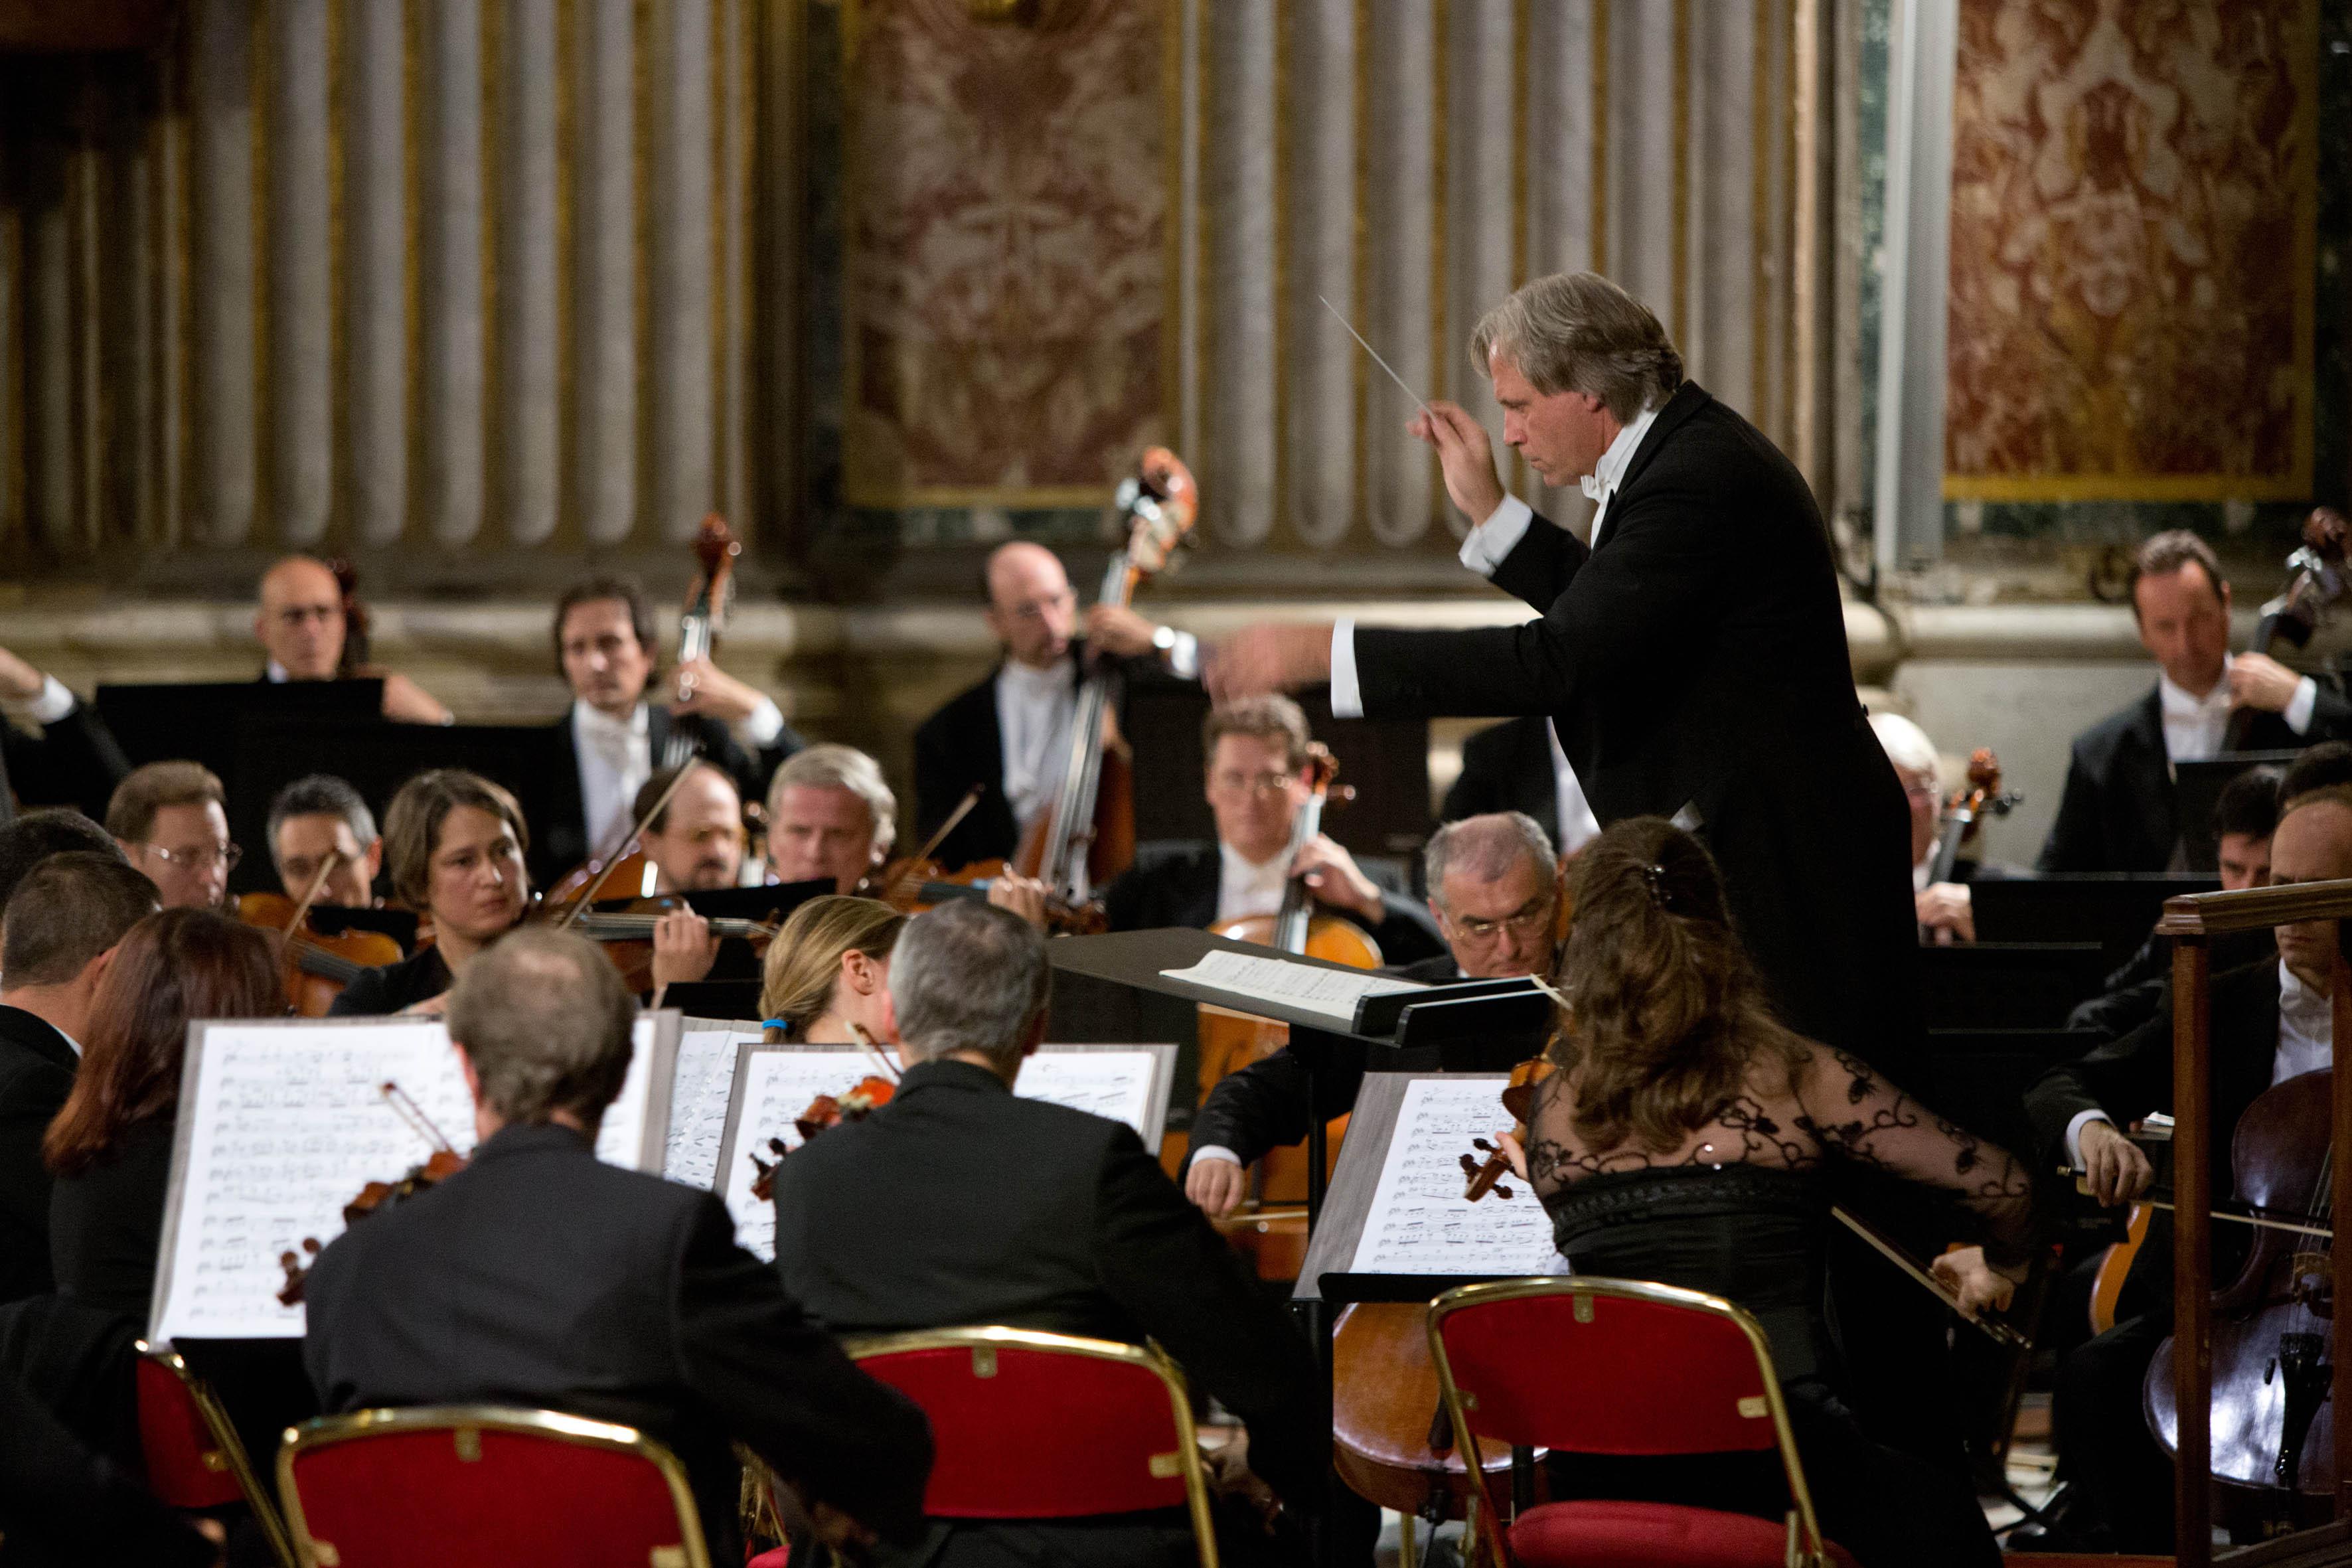 La Settima di Bruckner per l'XI edizione del Festival Internazionale di Musica e Arte Sacra